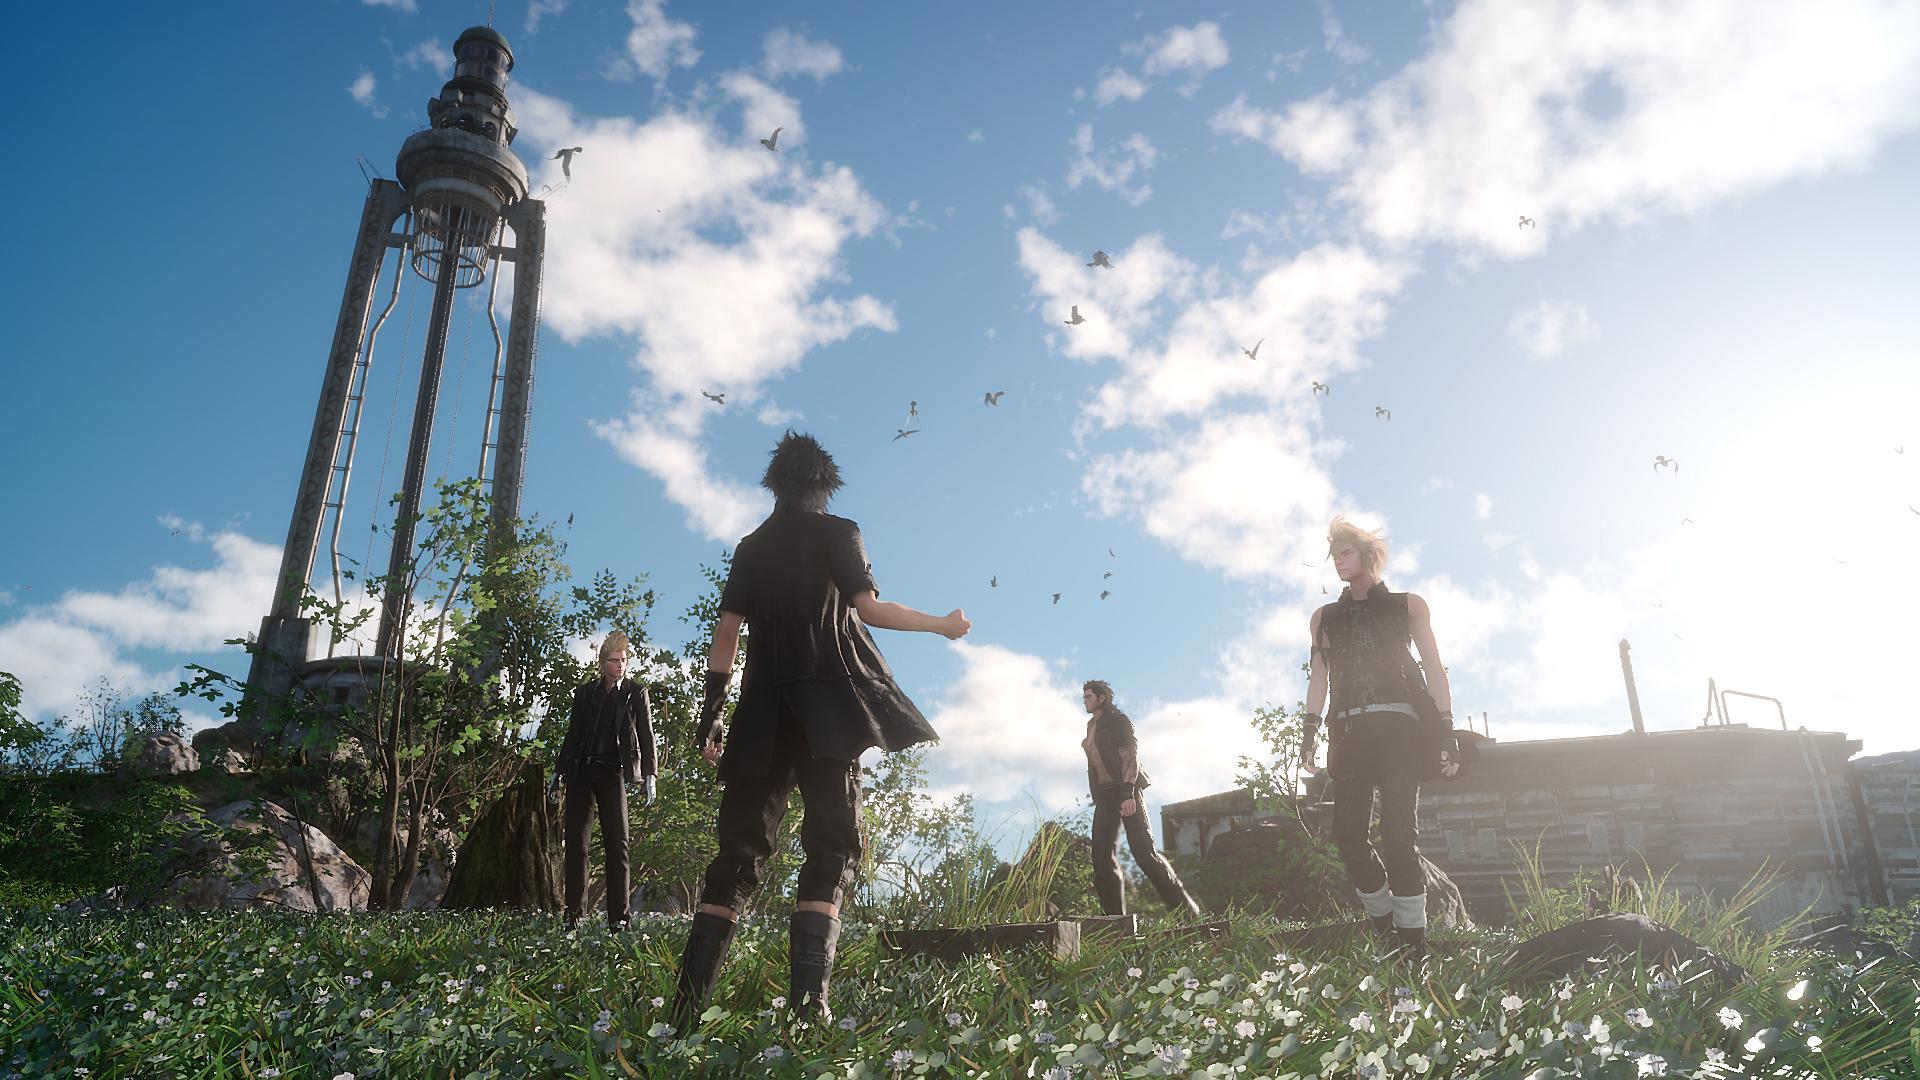 Fotorealismo de Final Fantasy XV fue mucho mayor de lo esperado